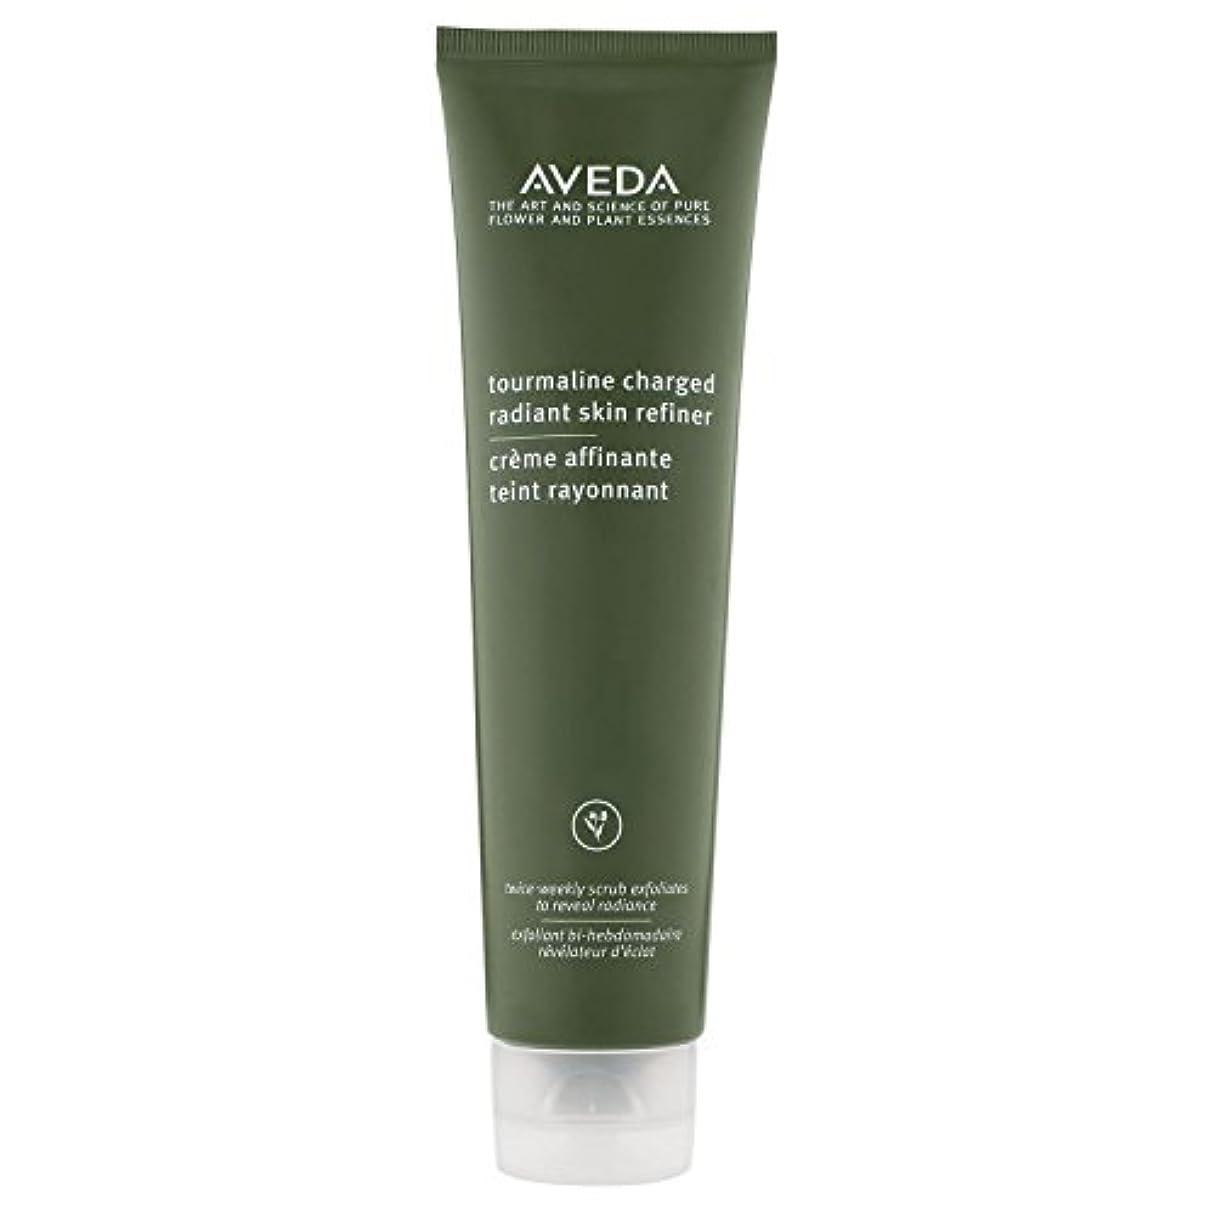 サポートわかりやすい罪悪感[AVEDA] アヴェダ輝く肌リファイナー100ミリリットル - Aveda Radiant Skin Refiner 100ml [並行輸入品]